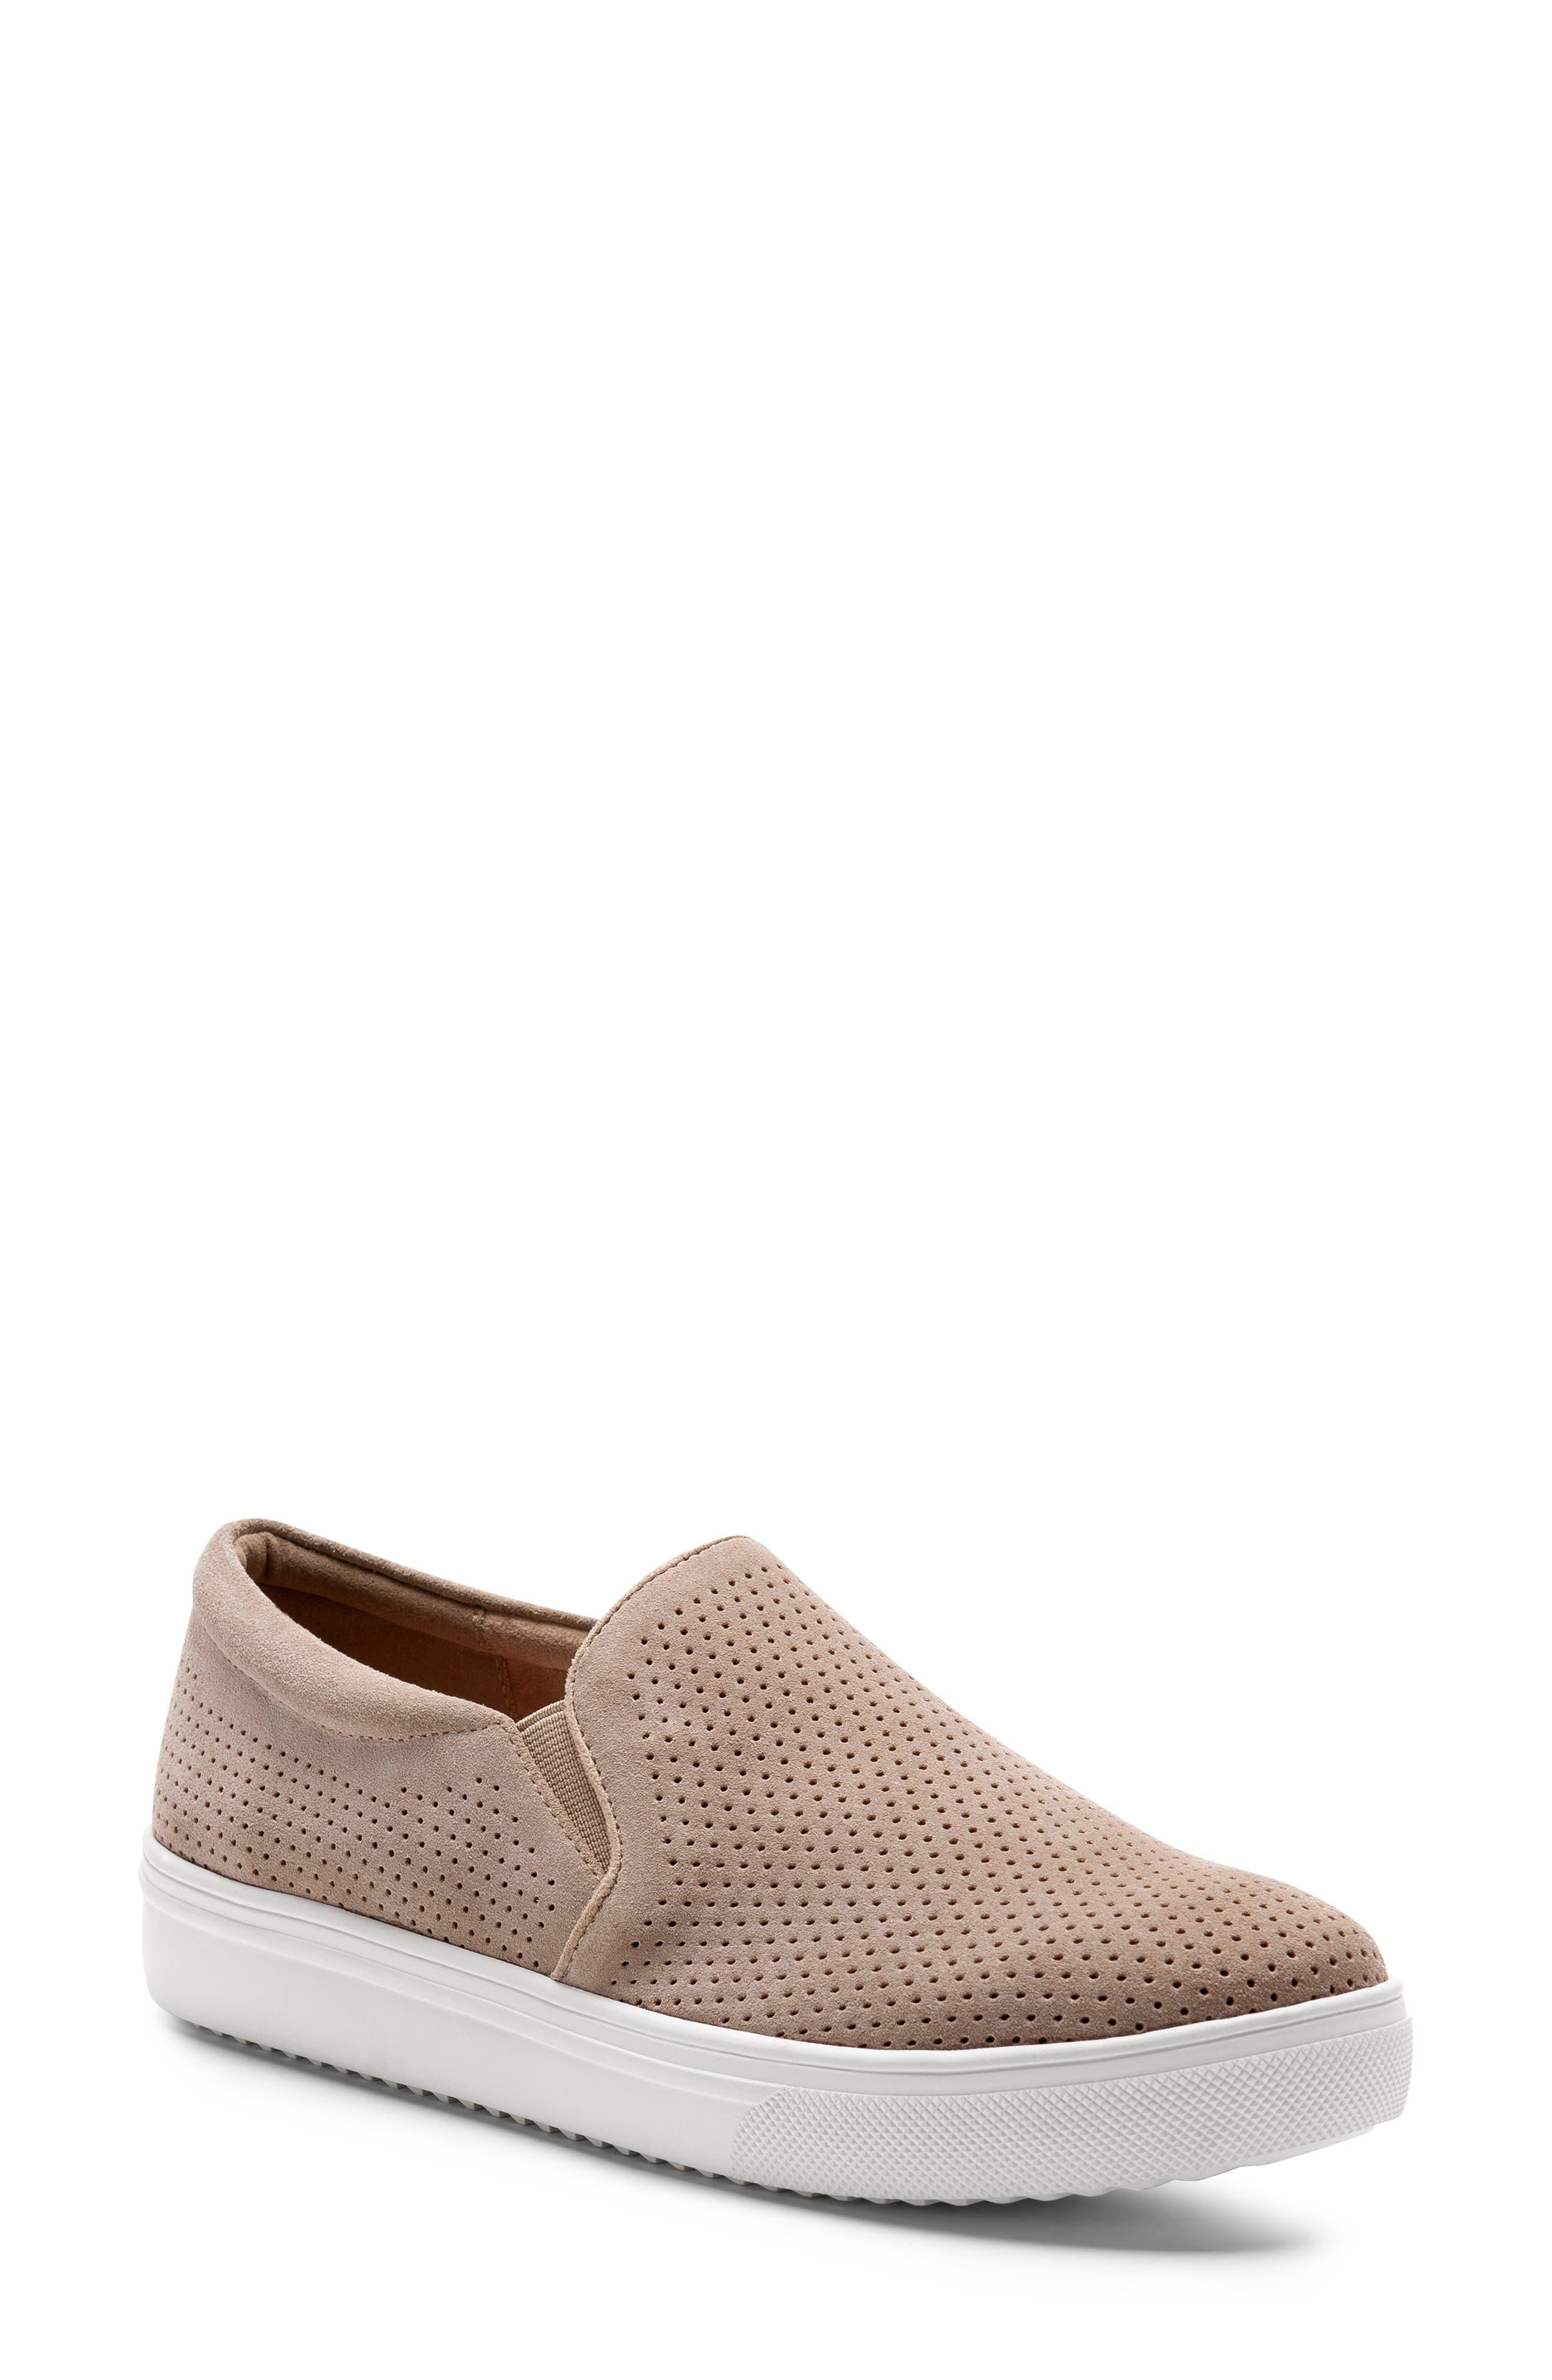 Blondo Gallert Perforated Waterproof Platform Sneaker- Beige